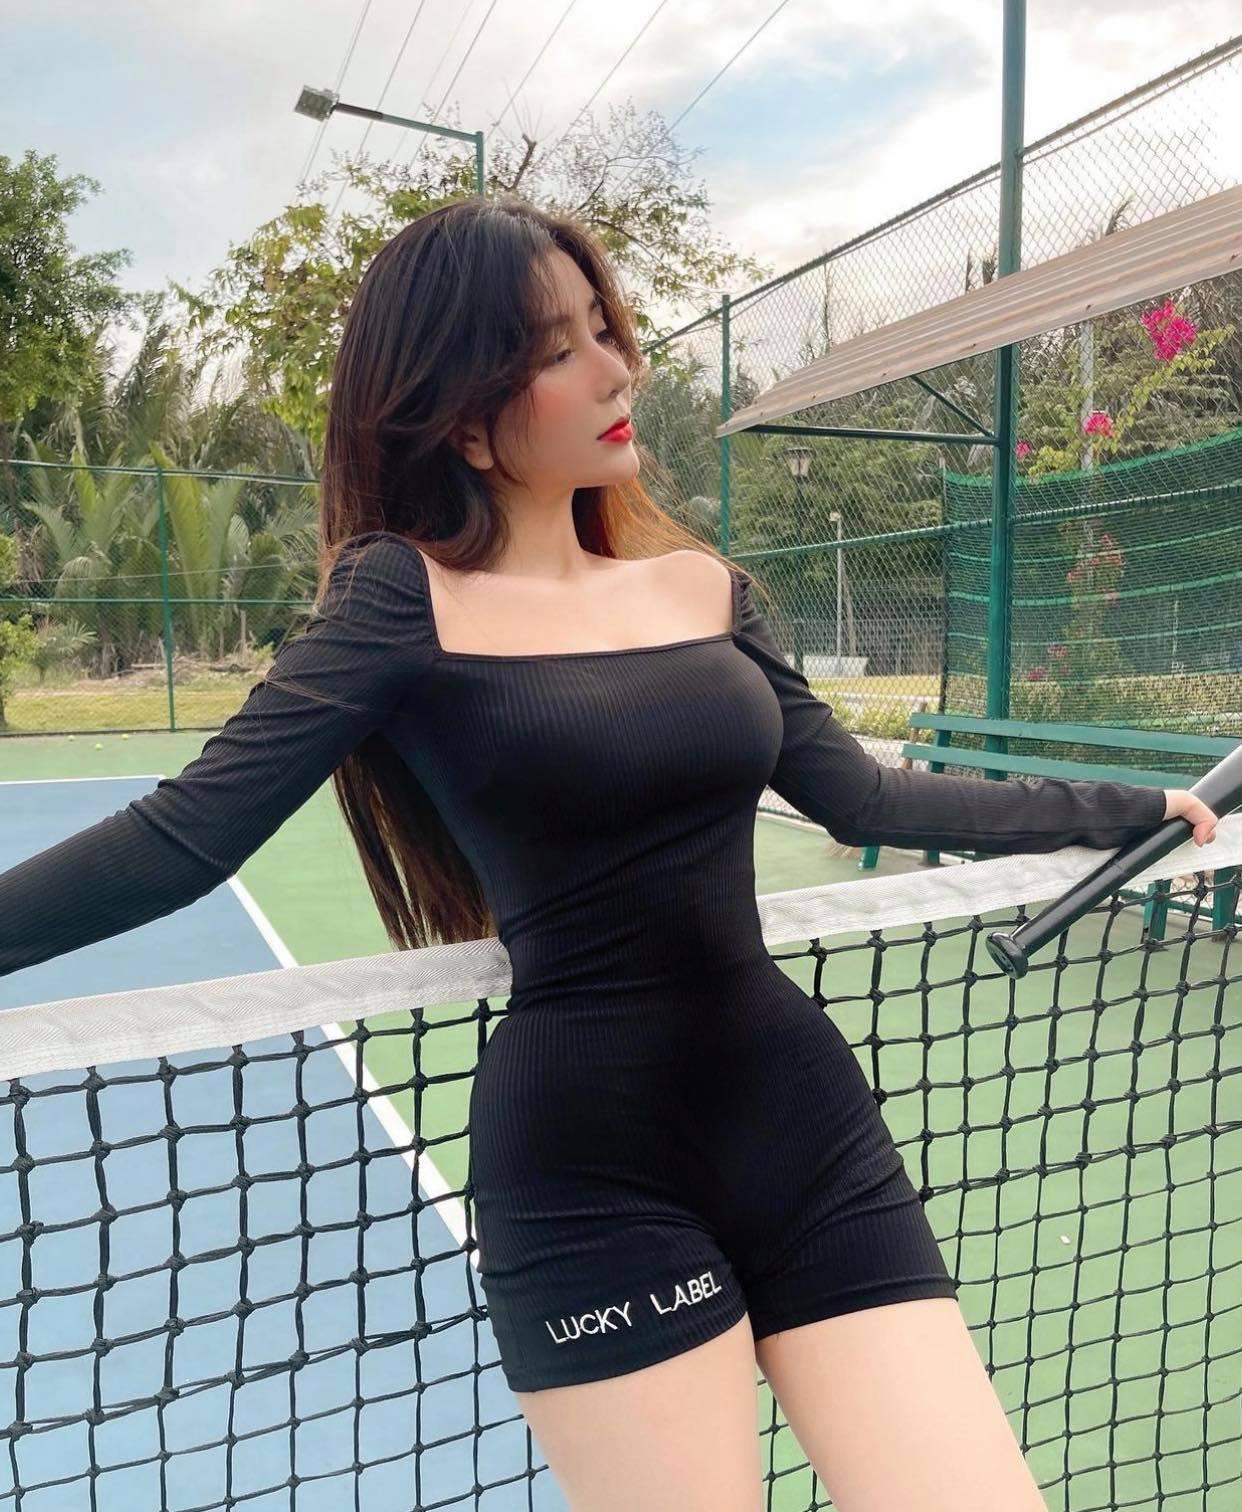 Nữ sinh hot nhất Sài thành chuyên diện đồ ôm siêu ngắn ra sân môn thể thao nhà giàu - hình ảnh 1